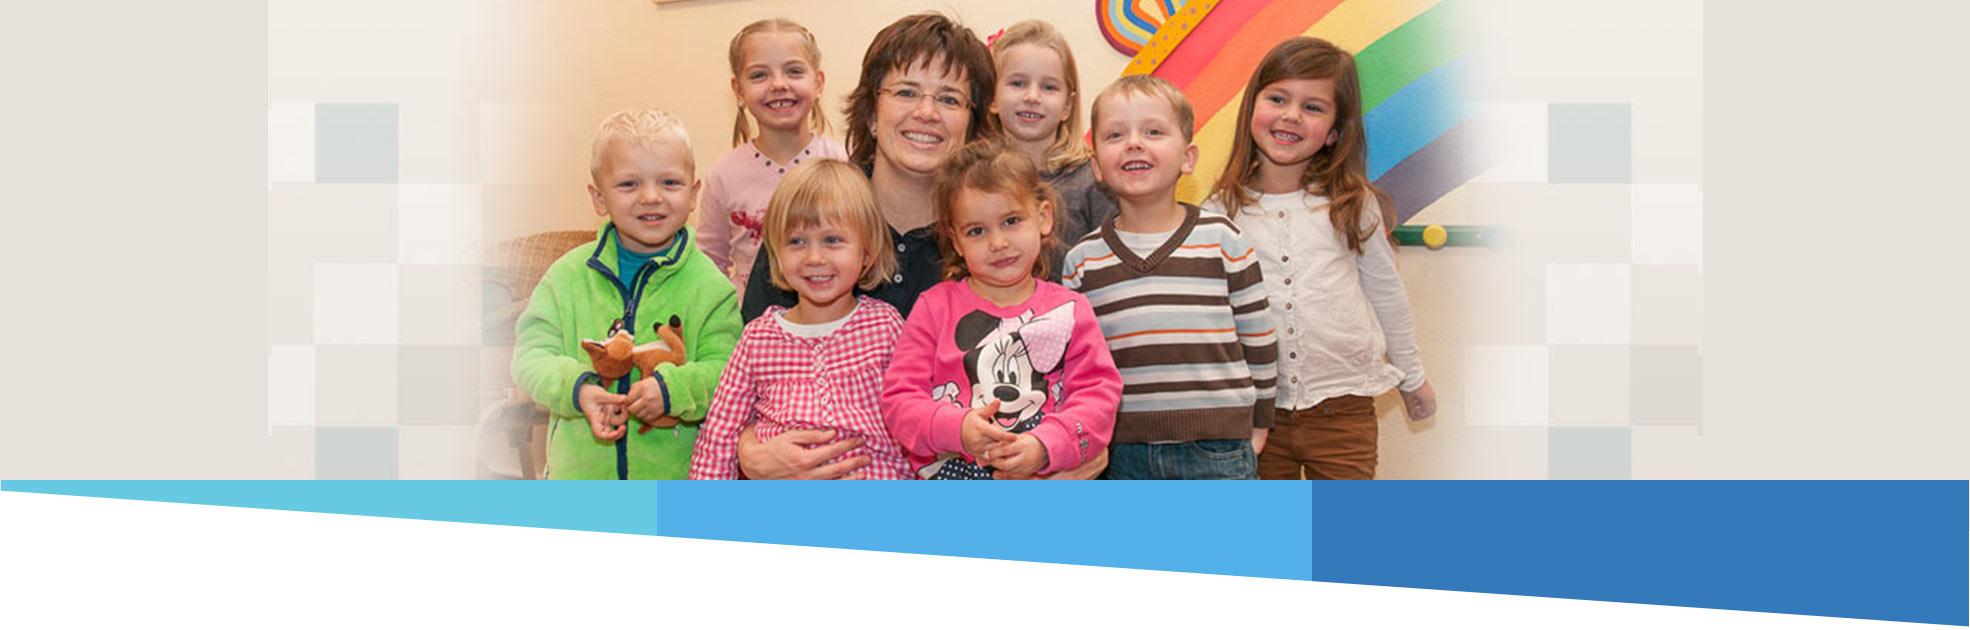 Sandra Hintze Zahnärztin mit den Kindern beim Kindernachmittag